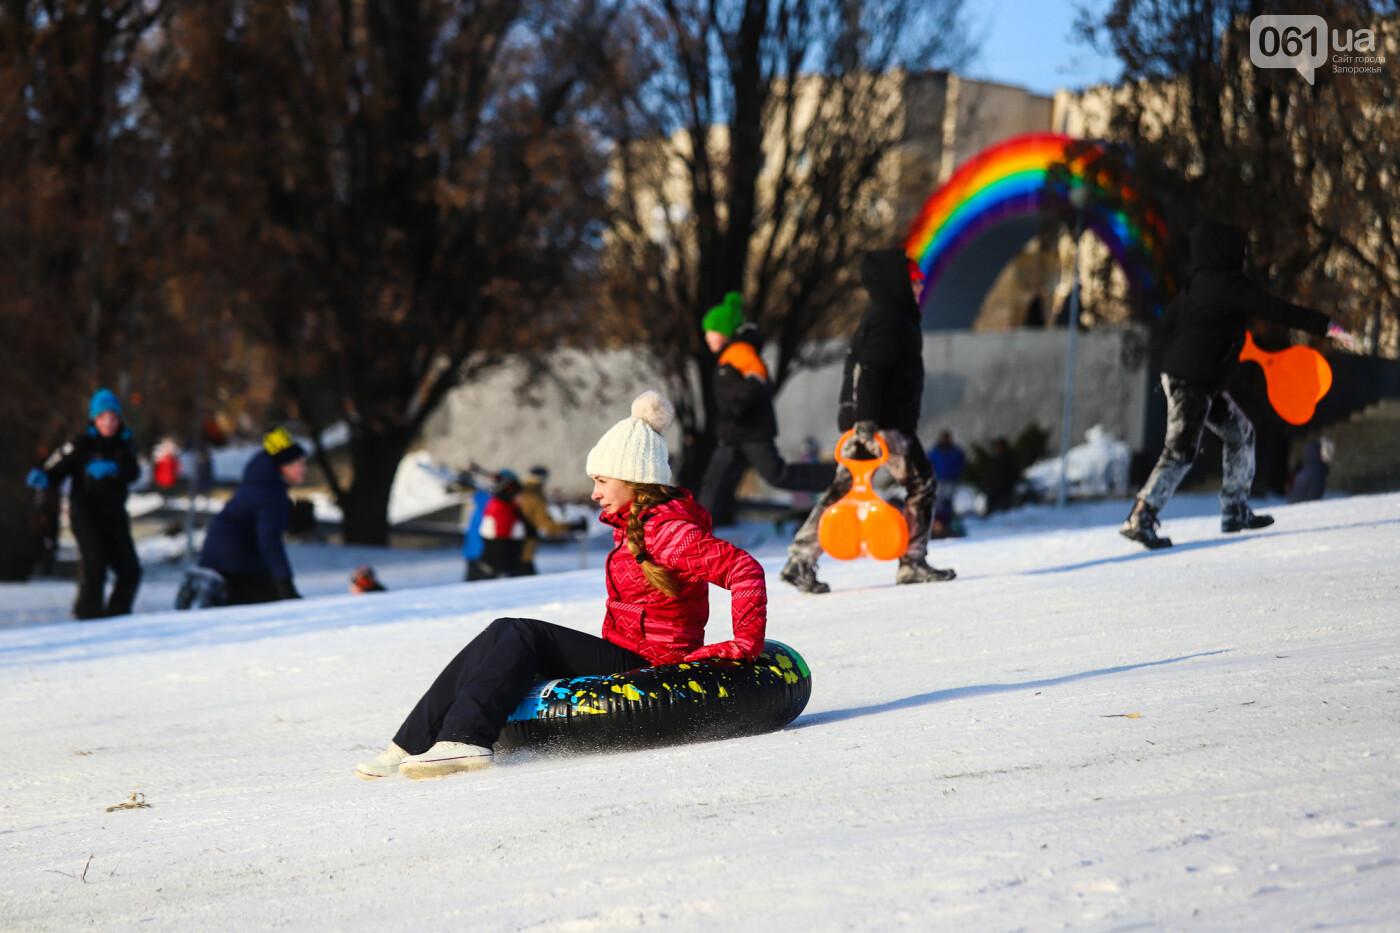 На санках, лыжах и сноуборде: запорожцы устроили массовое катание с горок в Вознесеновском парке, - ФОТОРЕПОРТАЖ, фото-36